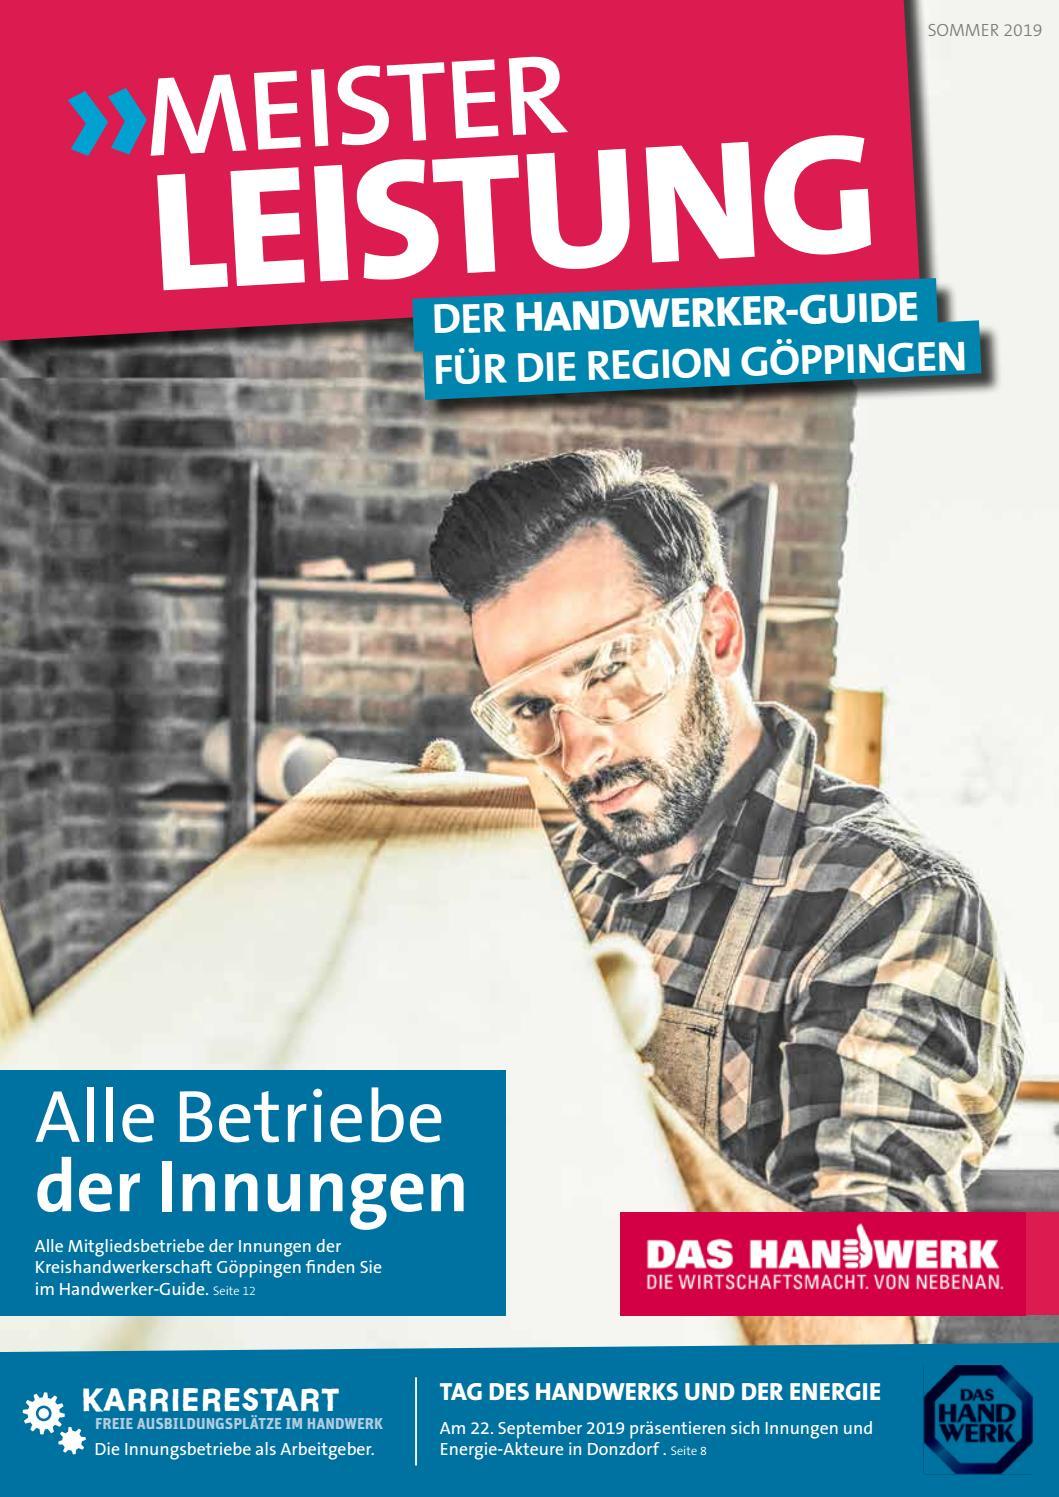 Meisterleistung 11 by Staufen Plus - Agentur für Kommunikation